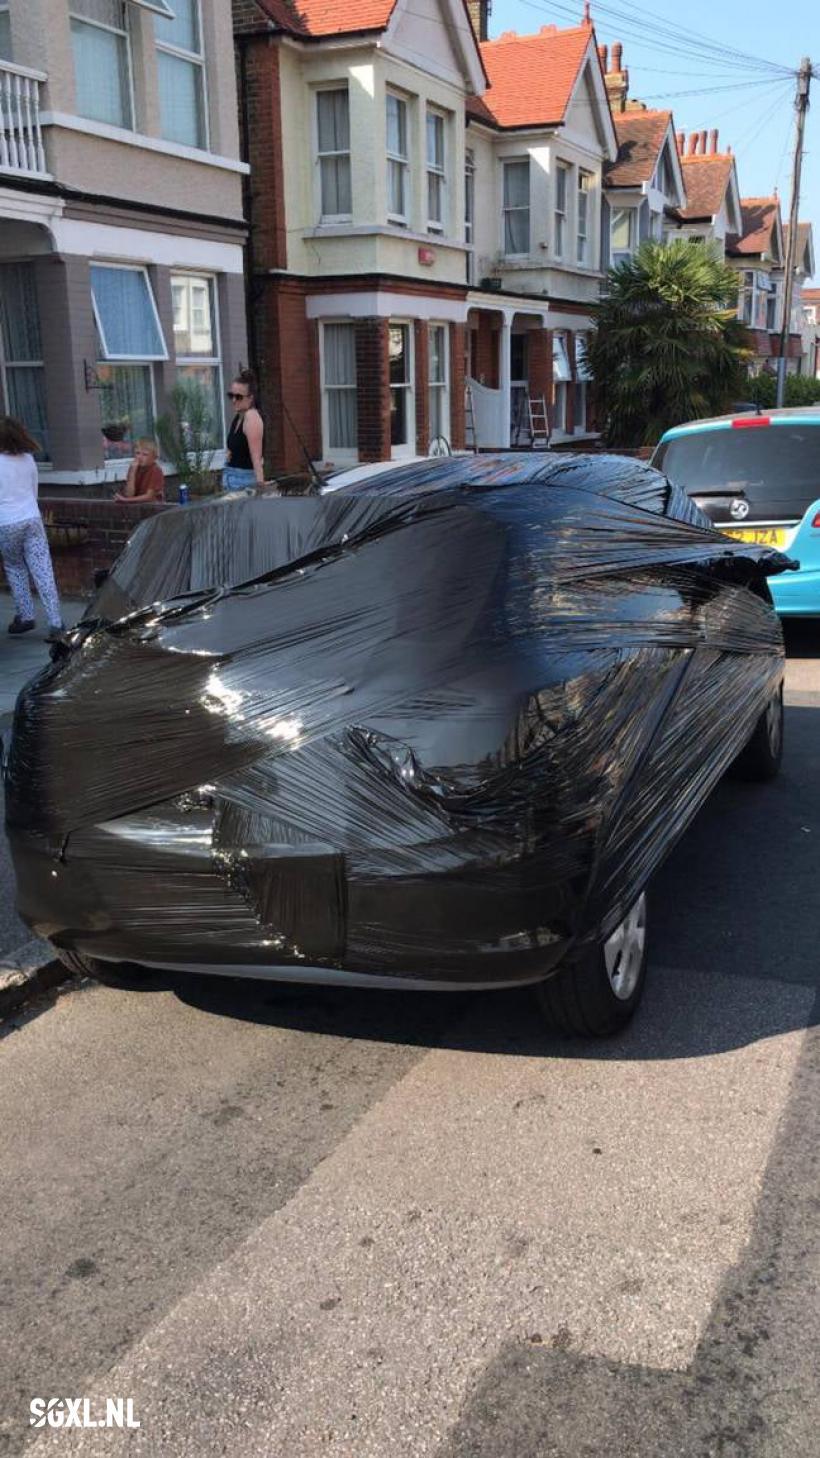 Britânico encontra solução criativa contra vizinhos que insistem em ocupar sua vaga de estacionamento